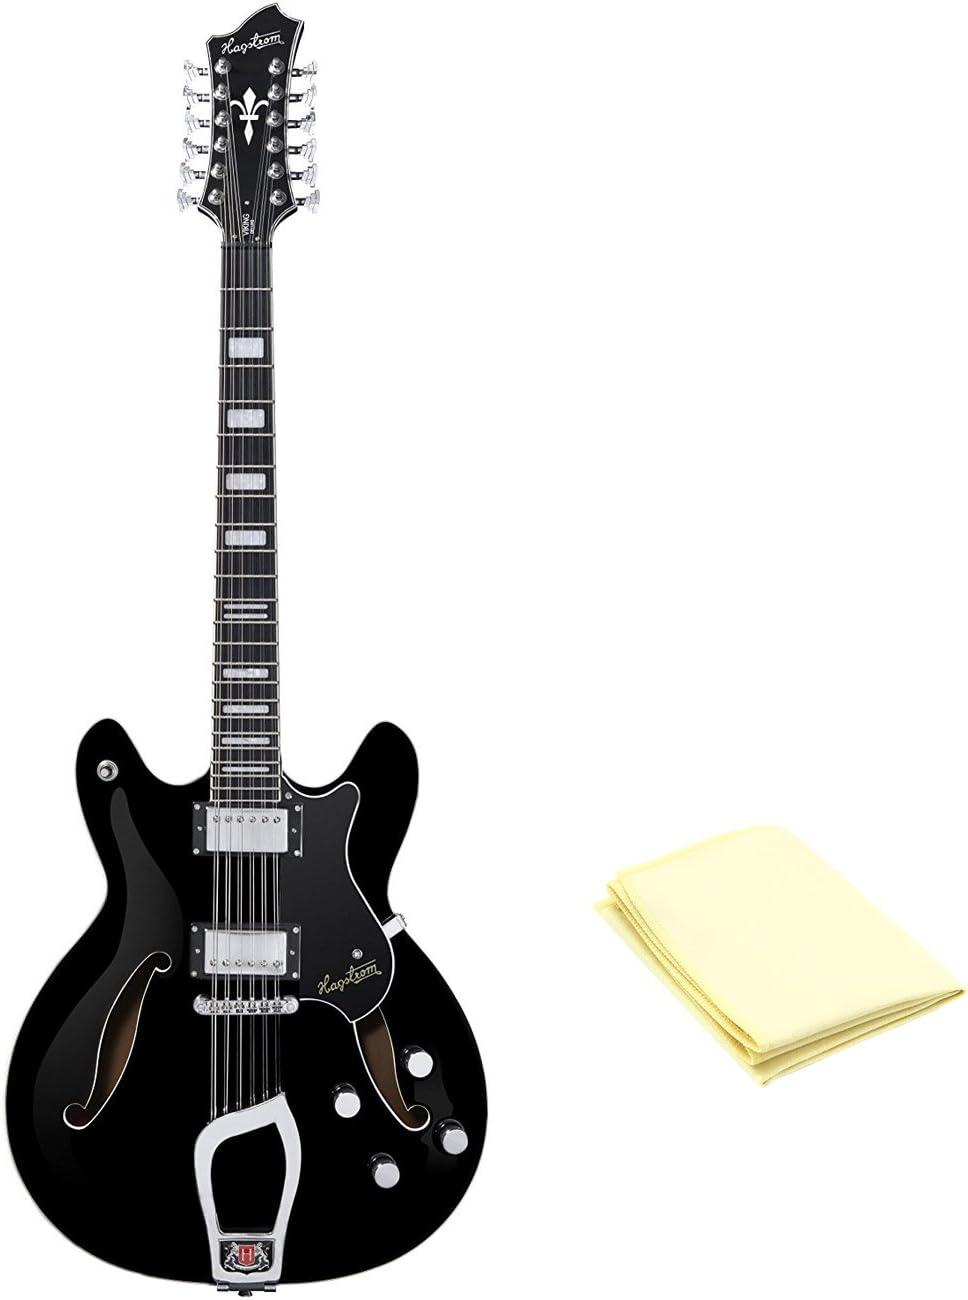 Hagstrom vidlx12-blk Viking Deluxe Series Guitarra eléctrica con ...